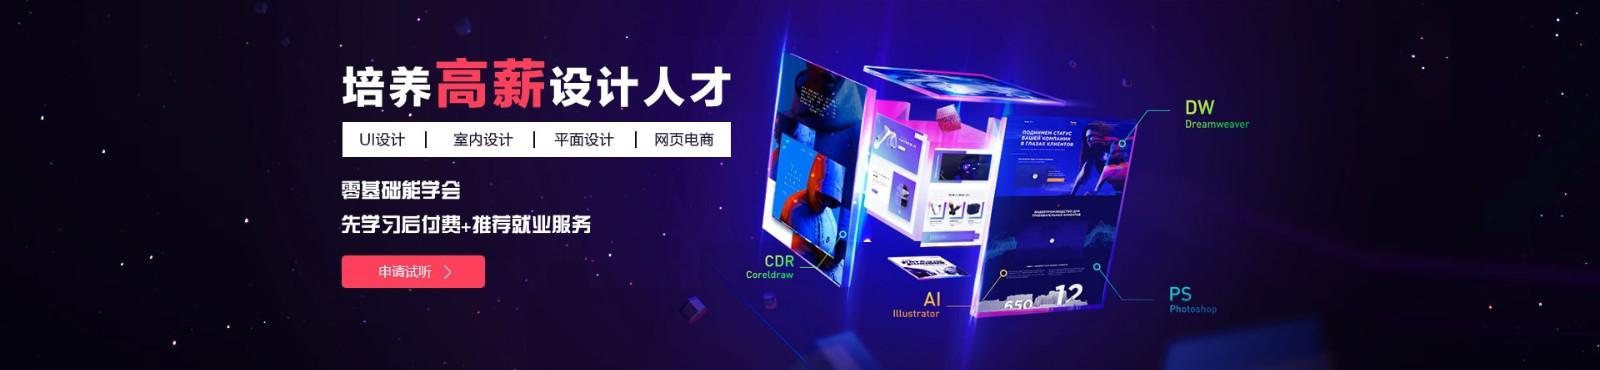 郑州华人教育 横幅广告